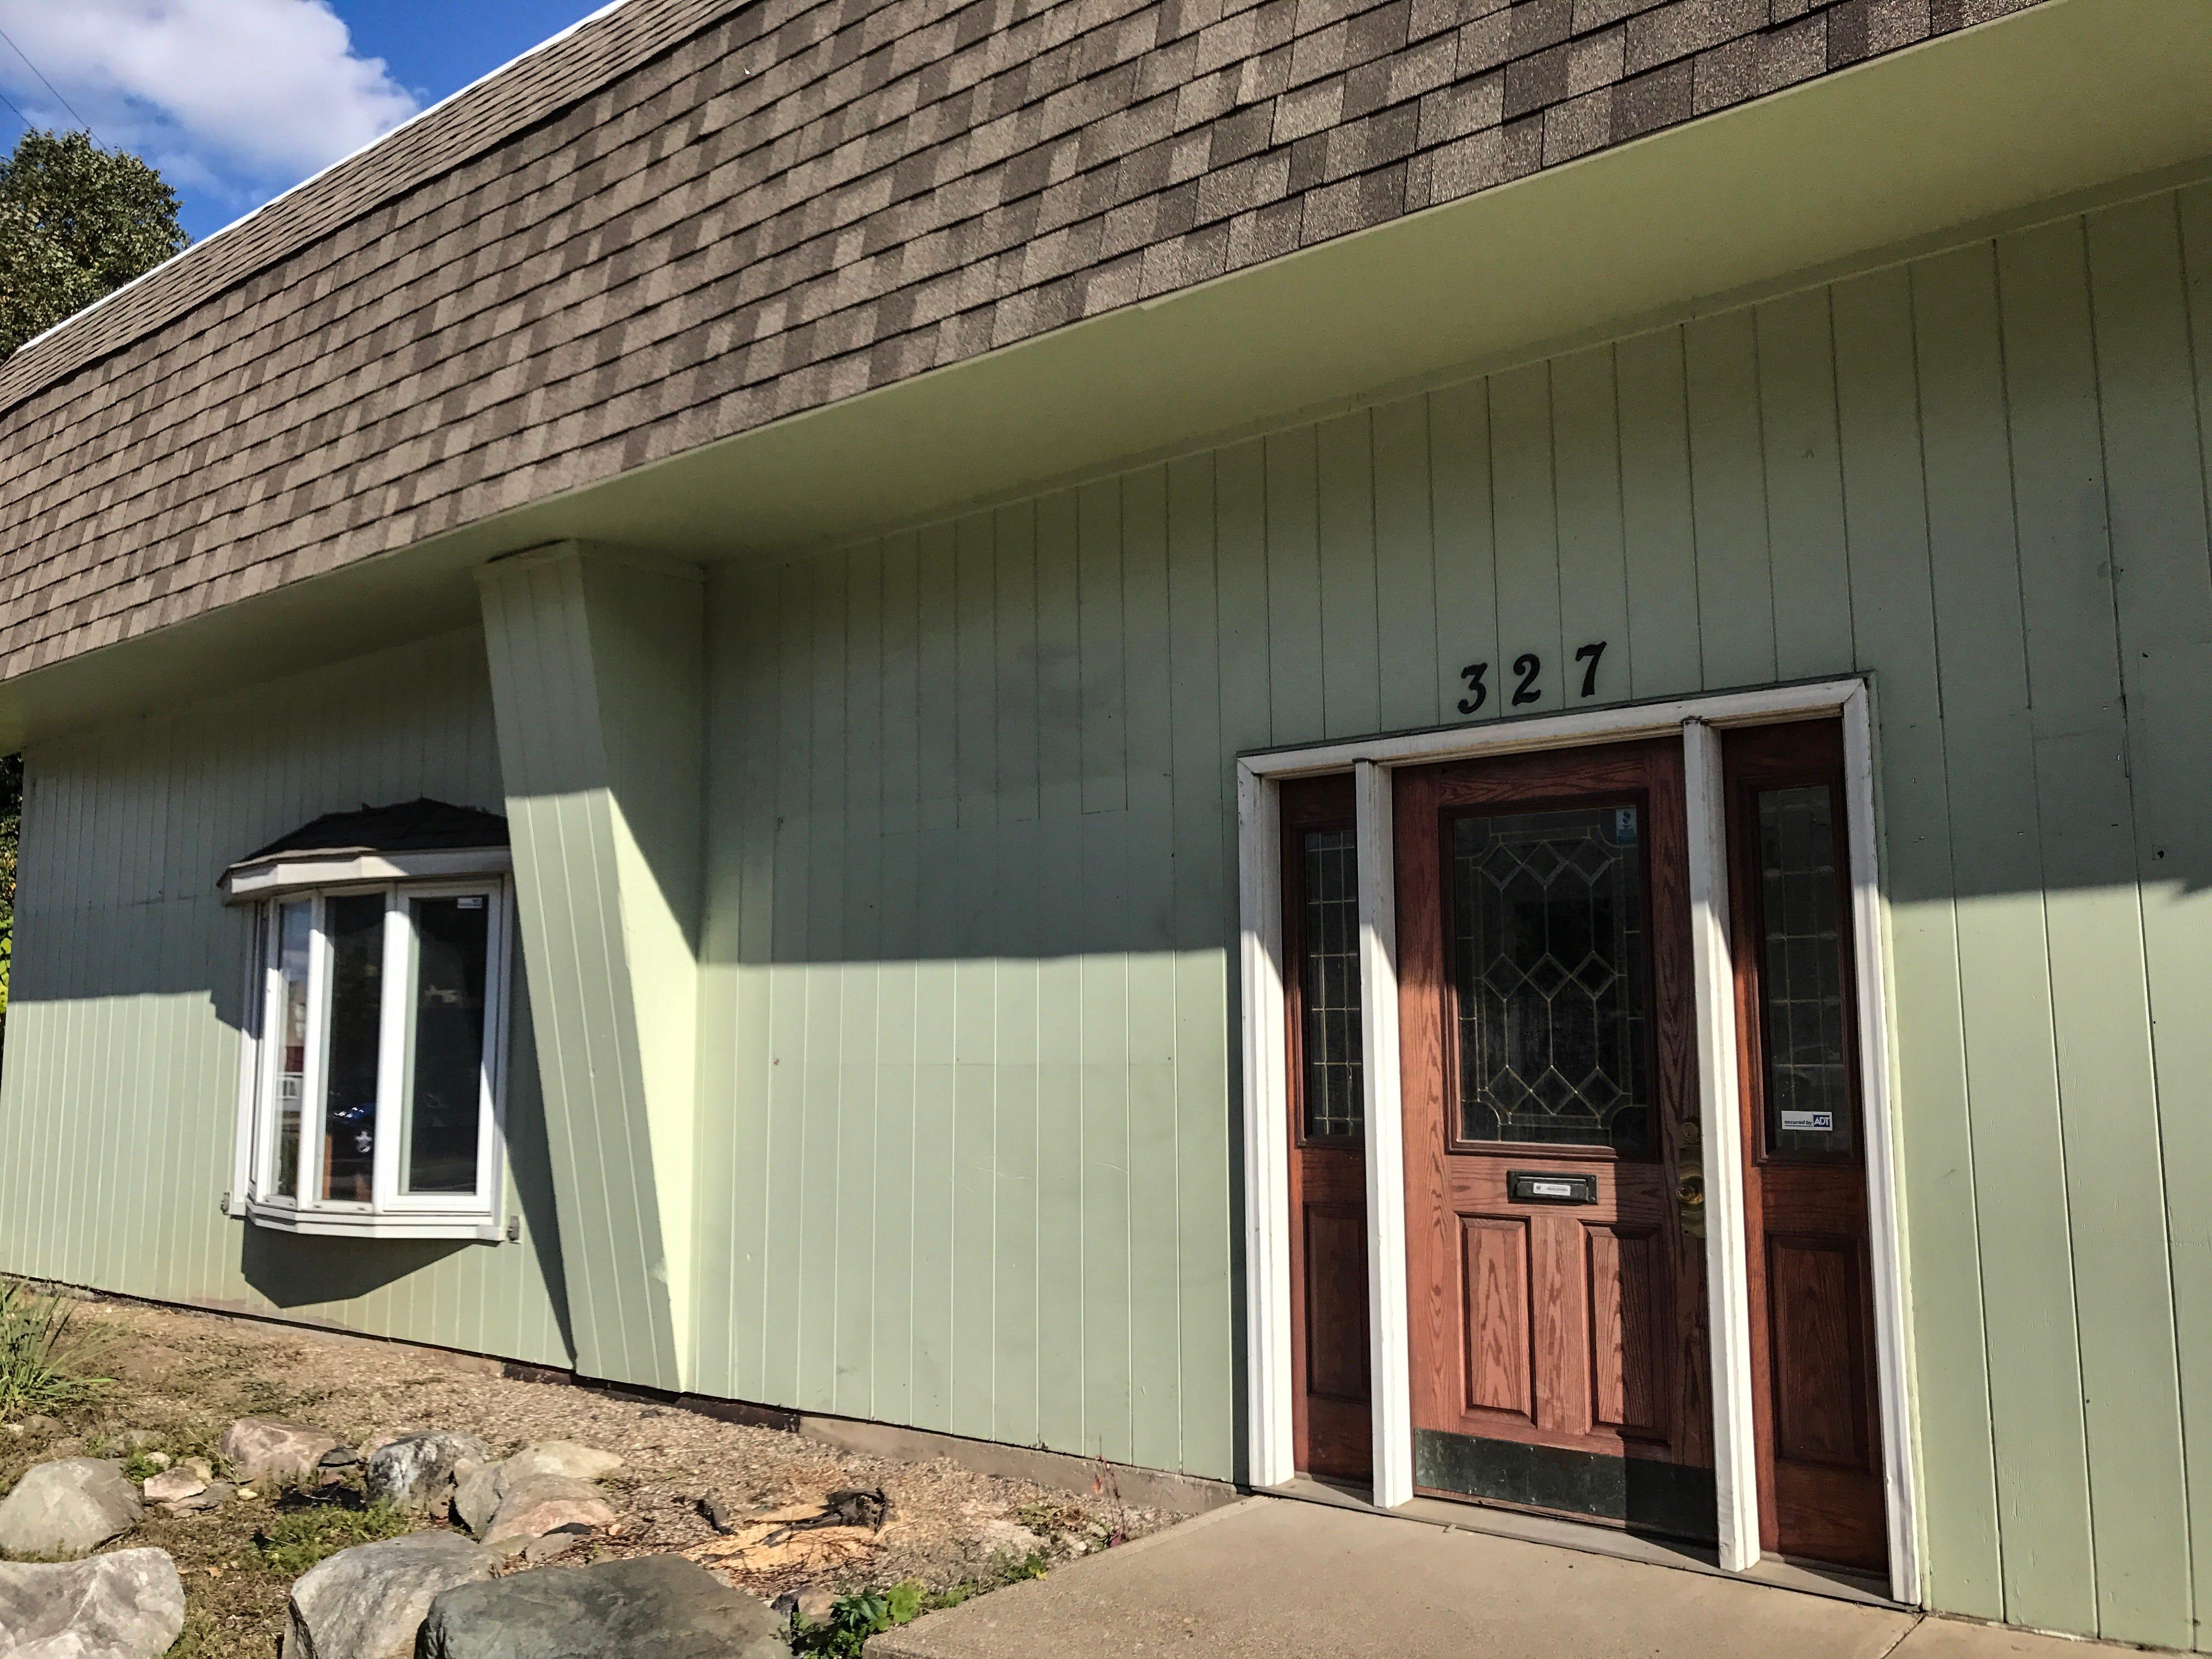 Superieur Battle Creek Door To Reopen Doors On Capital Avenue